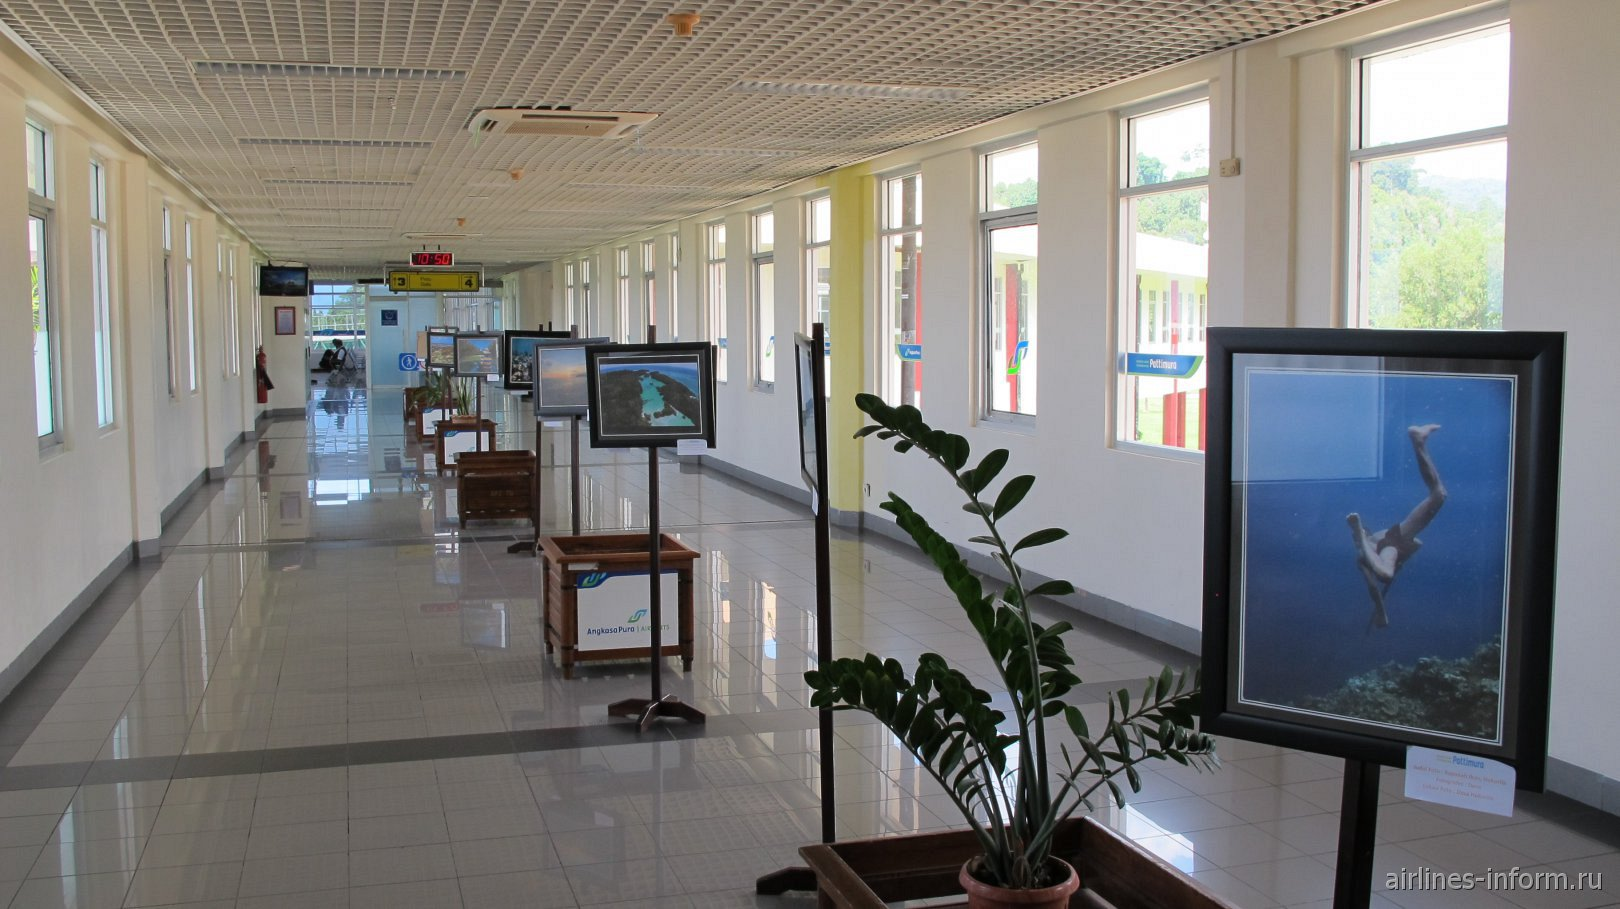 На втором этаже стерильной зоны аэропорта Паттимура